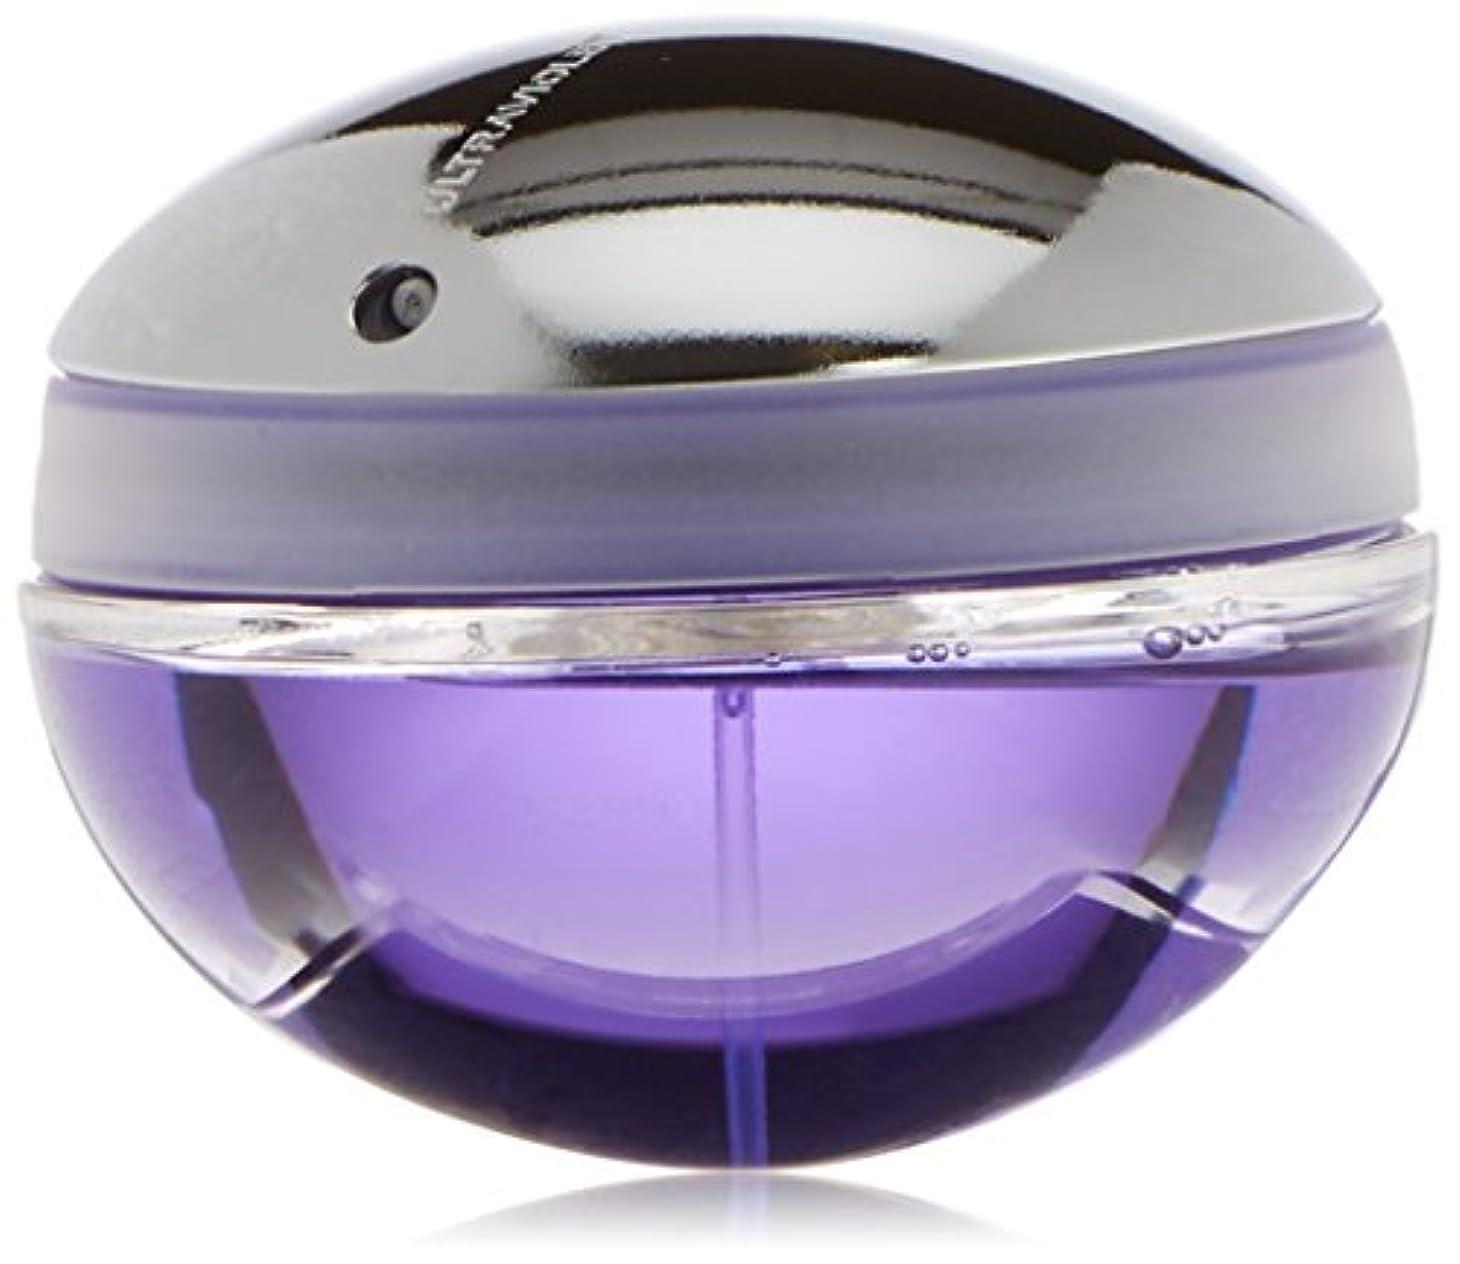 公ウィザード差別化するパコラバンヌ ウルトラバイオレット オードパルファム EDP 80mL 香水